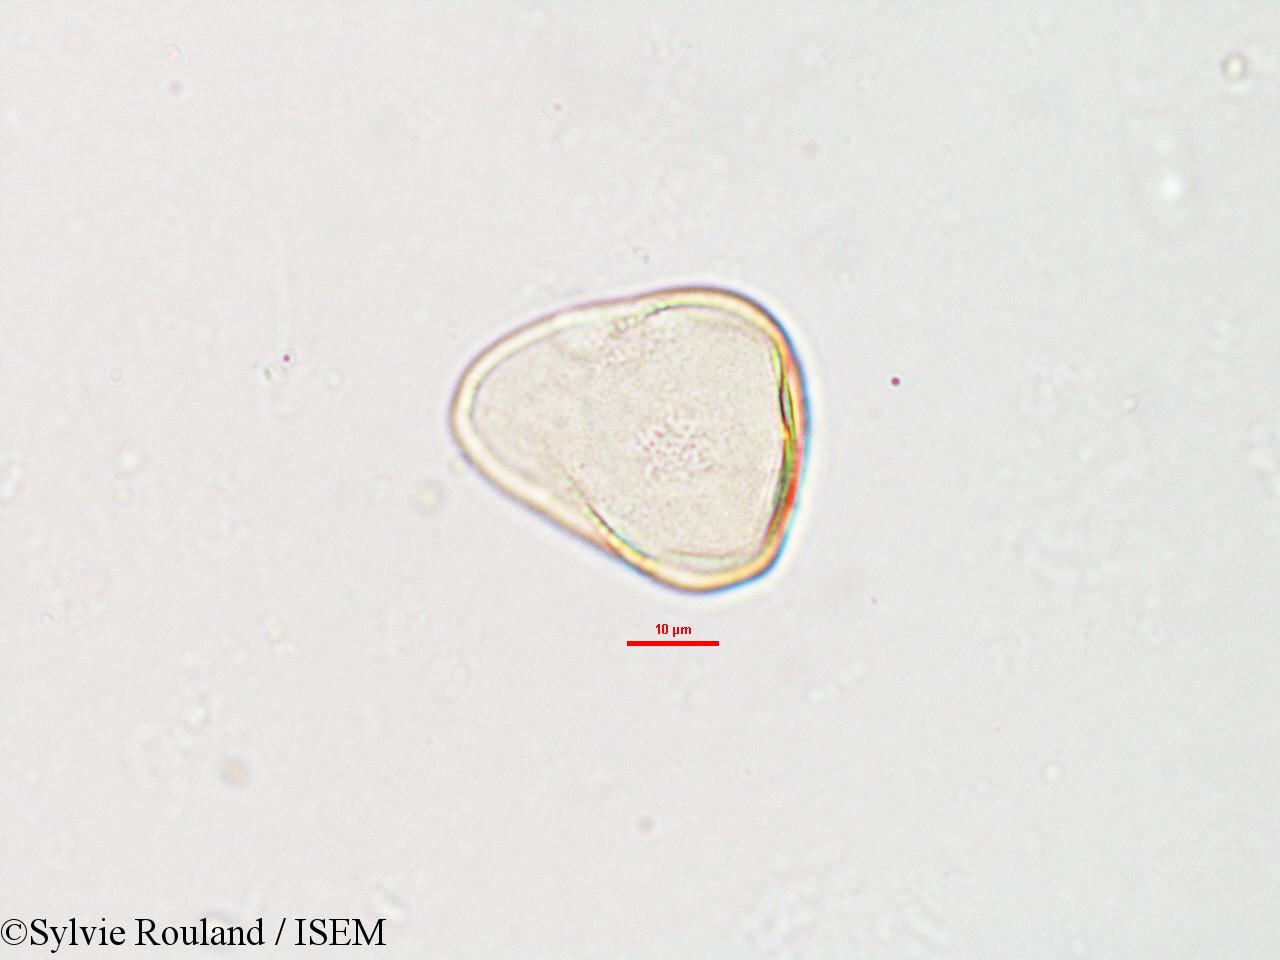 Sylvie.Rouland/Carex_pyramidalis_2609/Carex_pyramidalis_2609_0002(copy).jpg